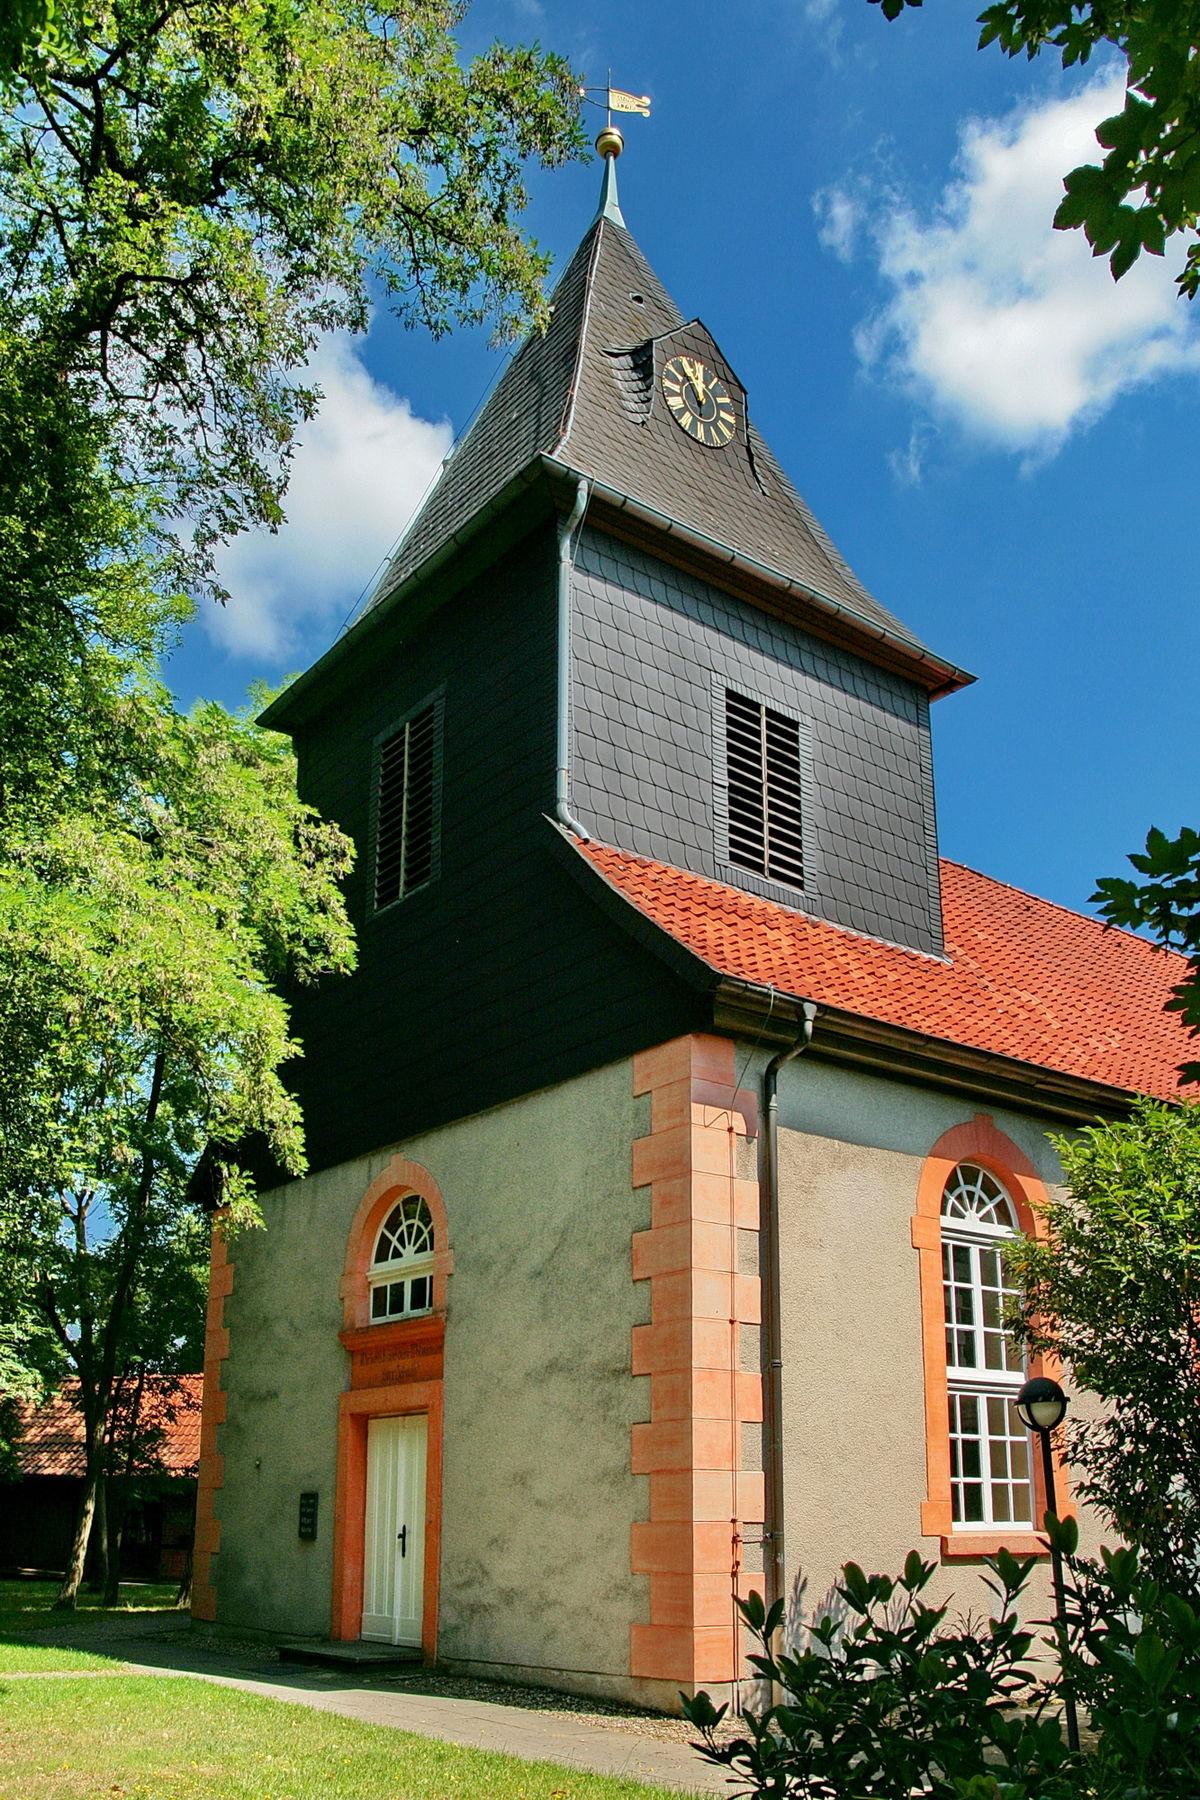 Kirche In Einslive